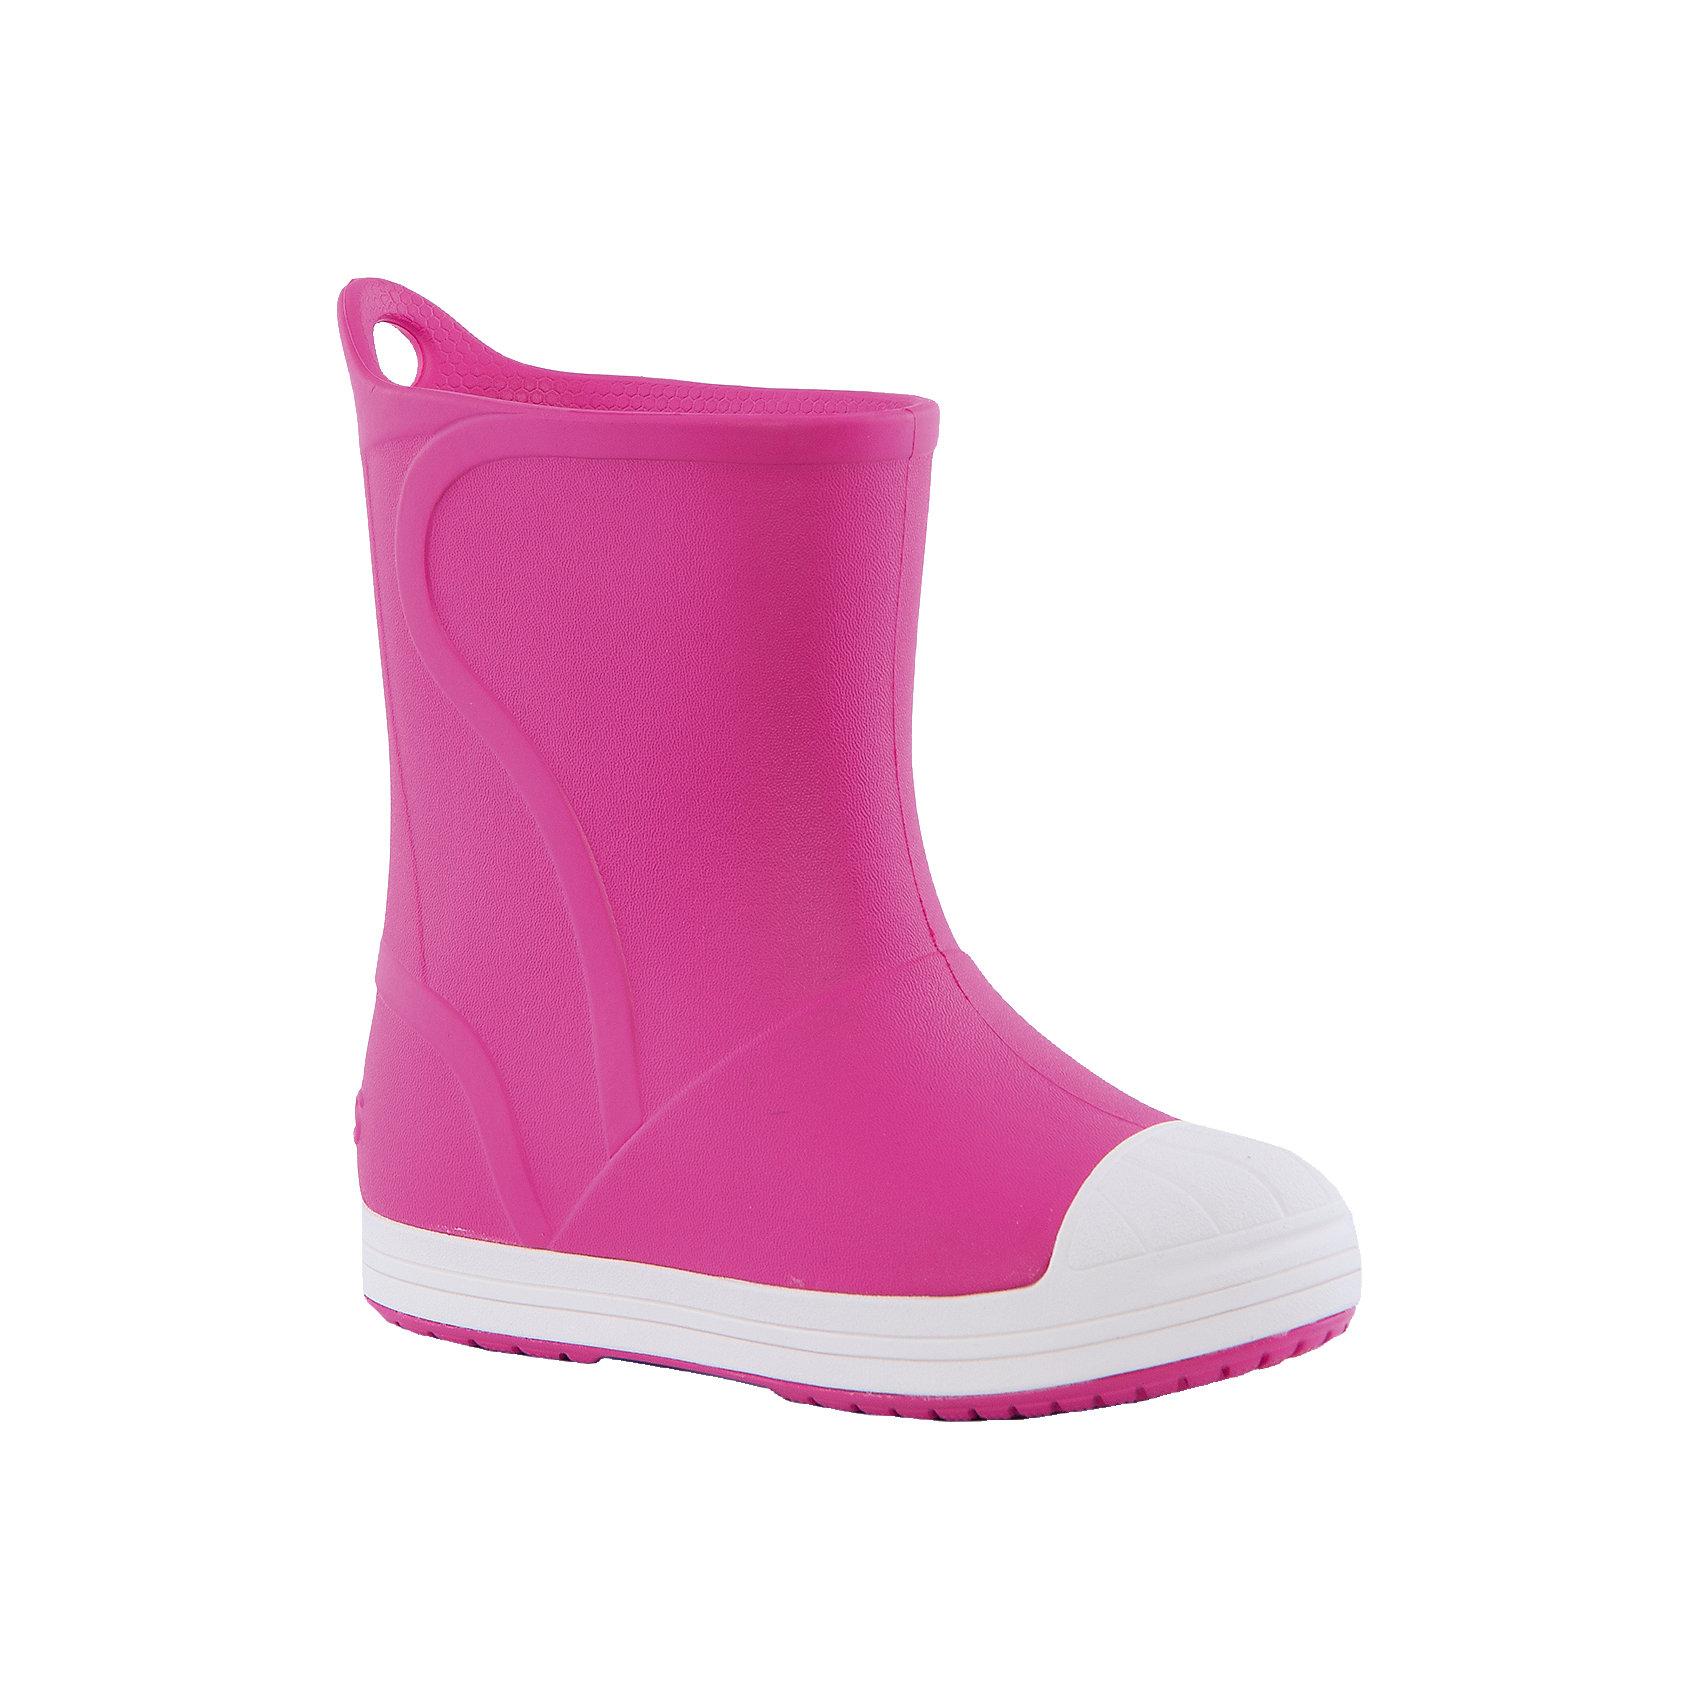 Резиновые сапоги Bump It Boot для девочки Crocs, розовыйРезиновые сапоги<br>Характеристики товара:<br><br>• цвет: розовый<br>• сезон: демисезон, лето<br>• материал: 100% полимер Croslite™<br>• непромокаемые<br>• температурный режим: от 0° до +20° С<br>• легко очищаются<br>• антискользящая подошва<br>• язычок для удобного надевания<br>• толстая устойчивая подошва<br>• страна бренда: США<br>• страна изготовитель: Китай<br><br>Сапоги могут быть и стильными, и непромокаемыми! <br><br>Для детской обуви крайне важно, чтобы она была удобной. <br><br>Такие сапоги обеспечивают детям необходимый комфорт, а надежный материал не пропускает внутрь воду. <br><br>Сапоги легко надеваются и снимаются, отлично сидят на ноге. <br><br>Материал, из которого они сделаны, не дает размножаться бактериям, поэтому такая обувь препятствует образованию неприятного запаха и появлению болезней стоп. <br><br>Данная модель особенно понравится детям - ведь в них можно бегать по лужам!<br><br>Резиновые сапоги Kids' Crocs Bump It Rain Boot Crocs от торговой марки Crocs можно купить в нашем интернет-магазине.<br><br>Ширина мм: 237<br>Глубина мм: 180<br>Высота мм: 152<br>Вес г: 438<br>Цвет: розовый<br>Возраст от месяцев: 120<br>Возраст до месяцев: 132<br>Пол: Женский<br>Возраст: Детский<br>Размер: 34,34/35,27,28,29,30,23,24,25,26,31,33,31/32,33/34<br>SKU: 4940769